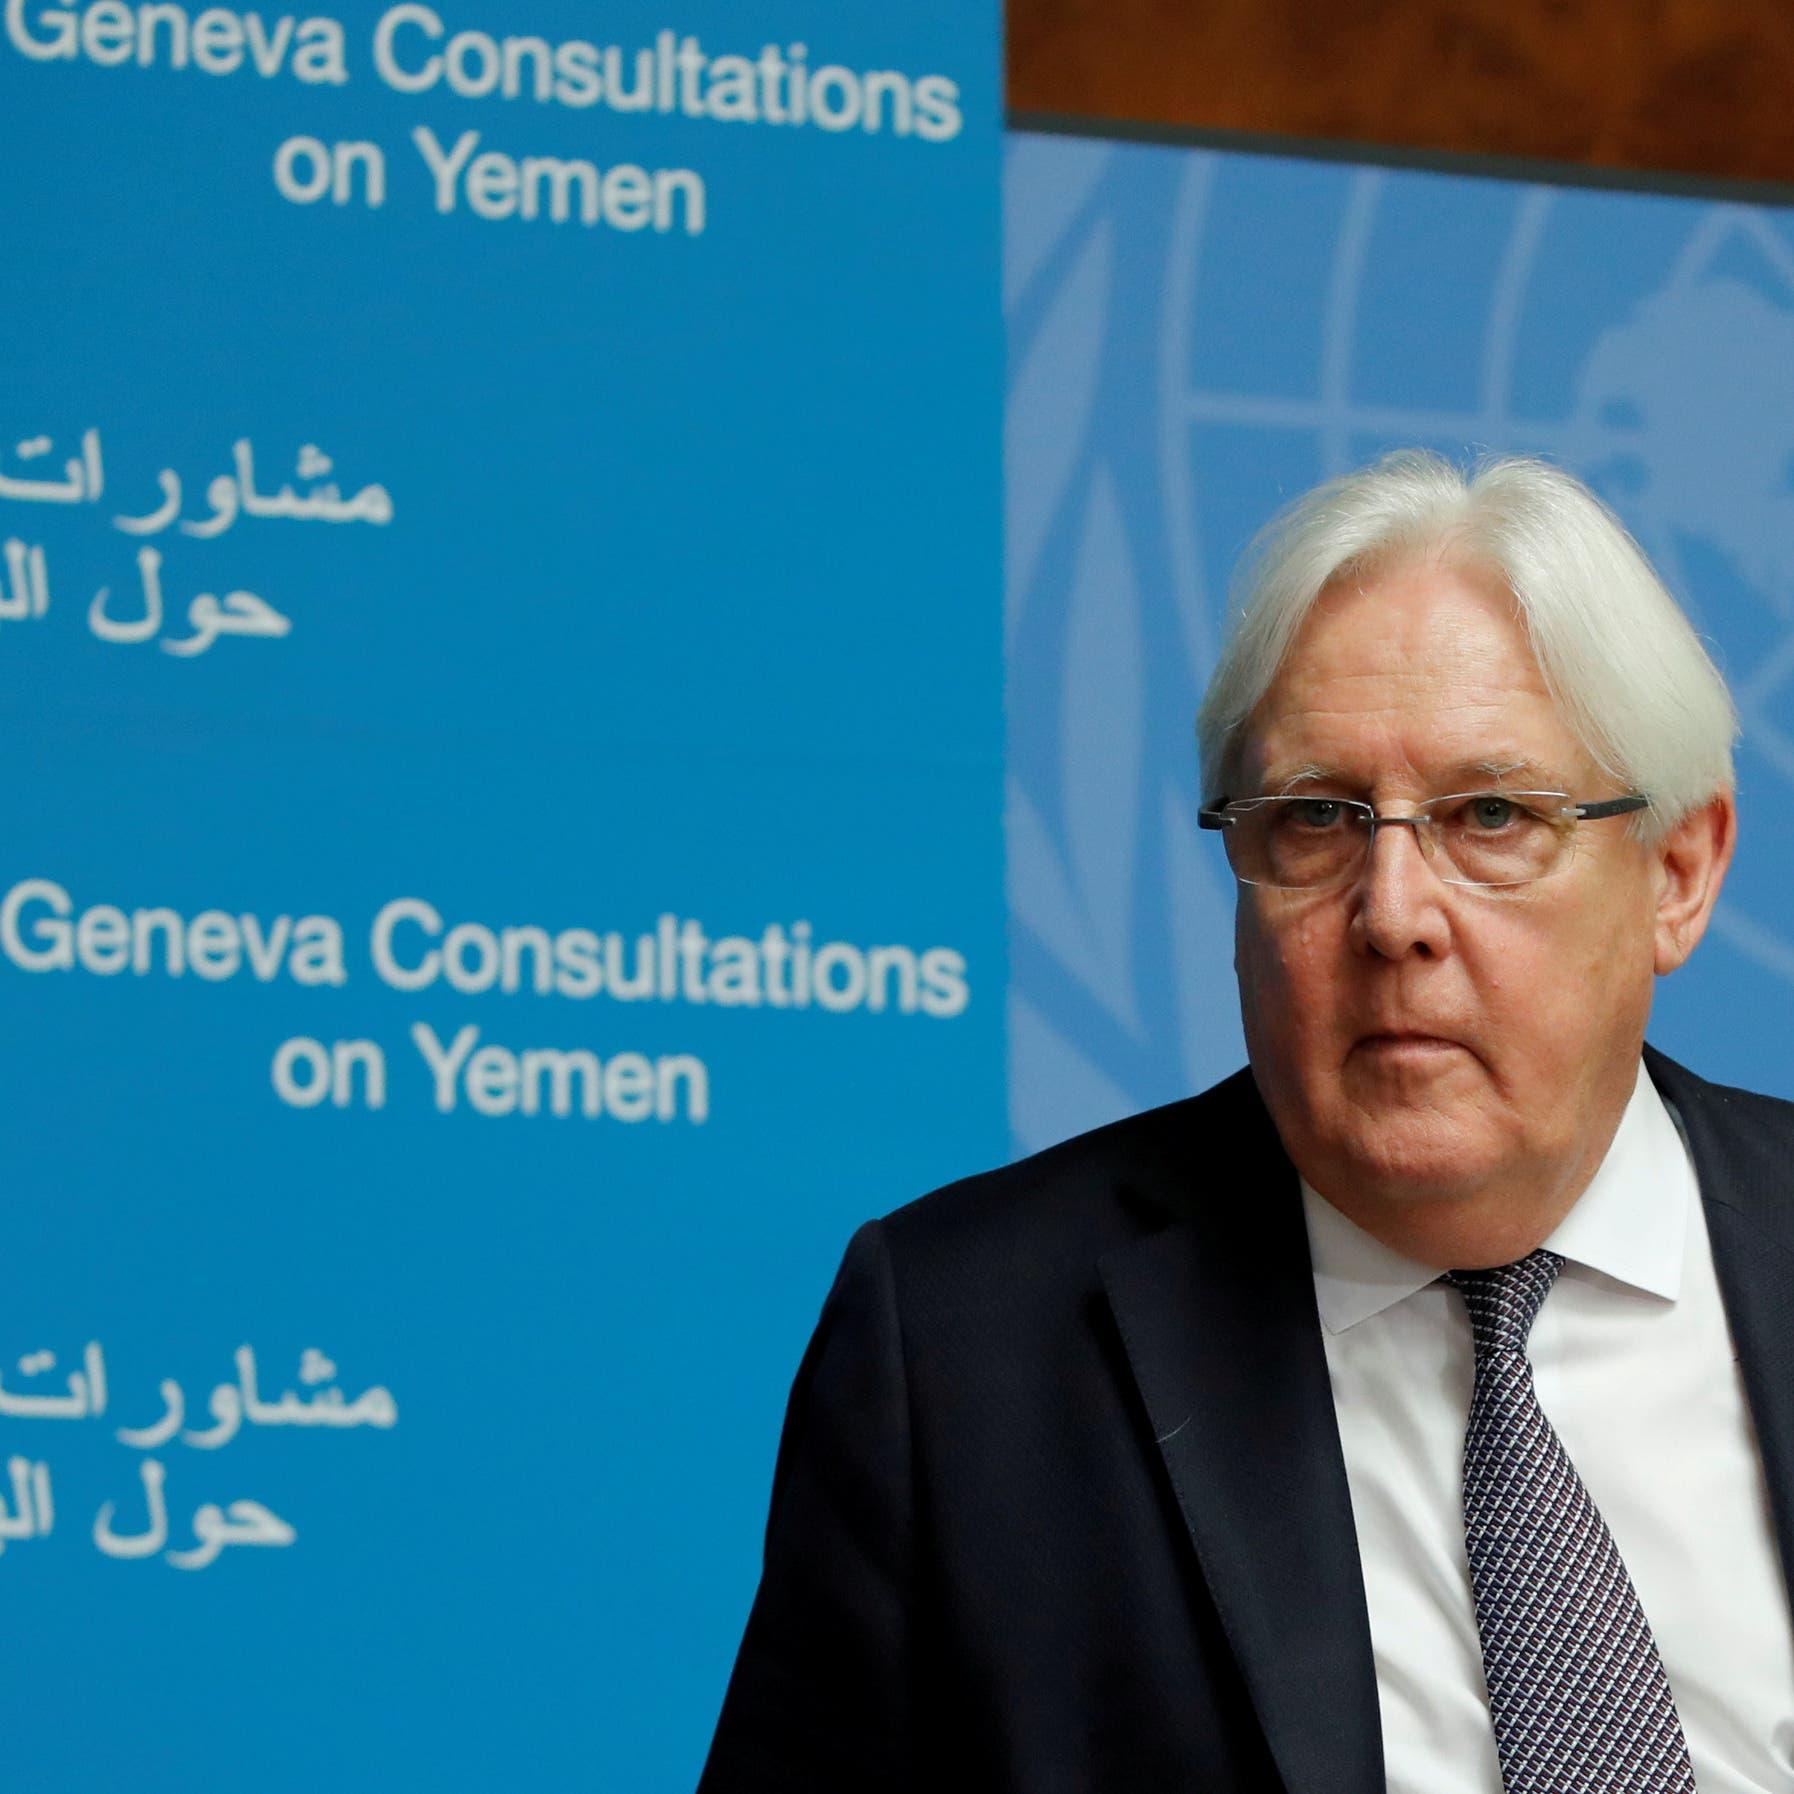 بعد فشل جنيف.. غريفيث: سألتقي ممثلي الحوثي بصنعاء ومسقط